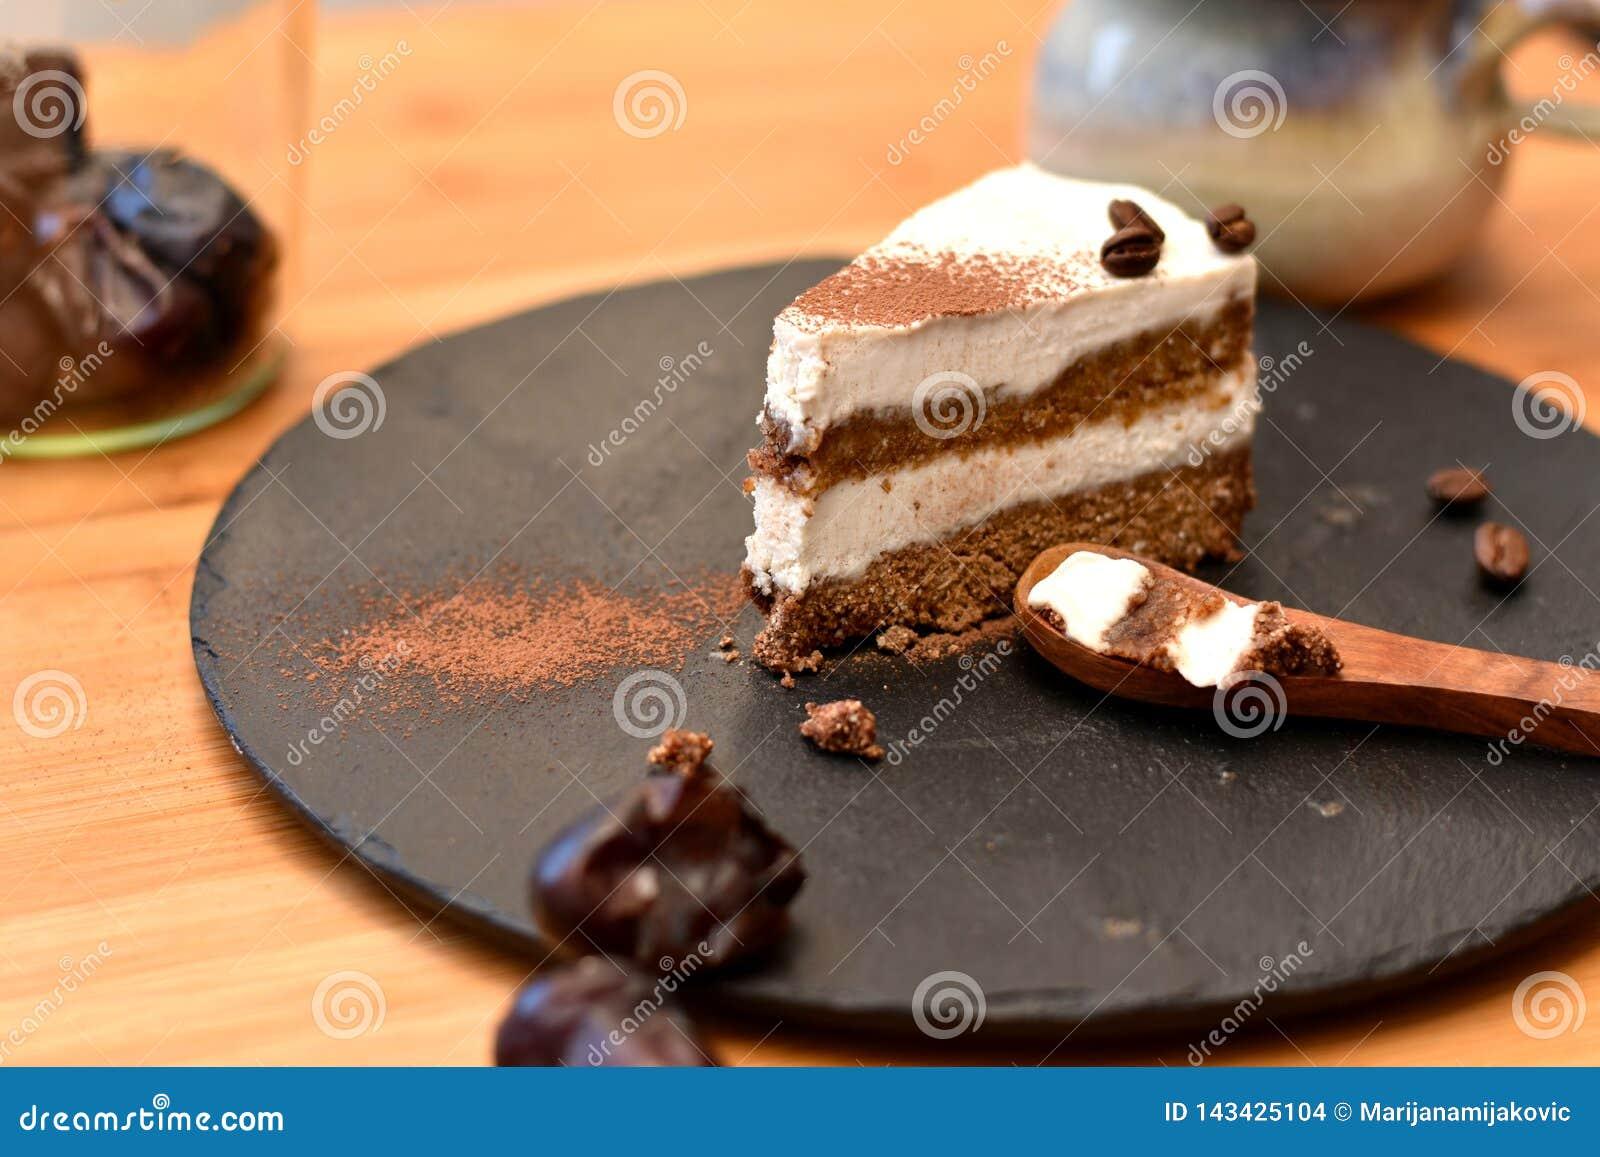 Slice of layered organic raw tiramisu cake